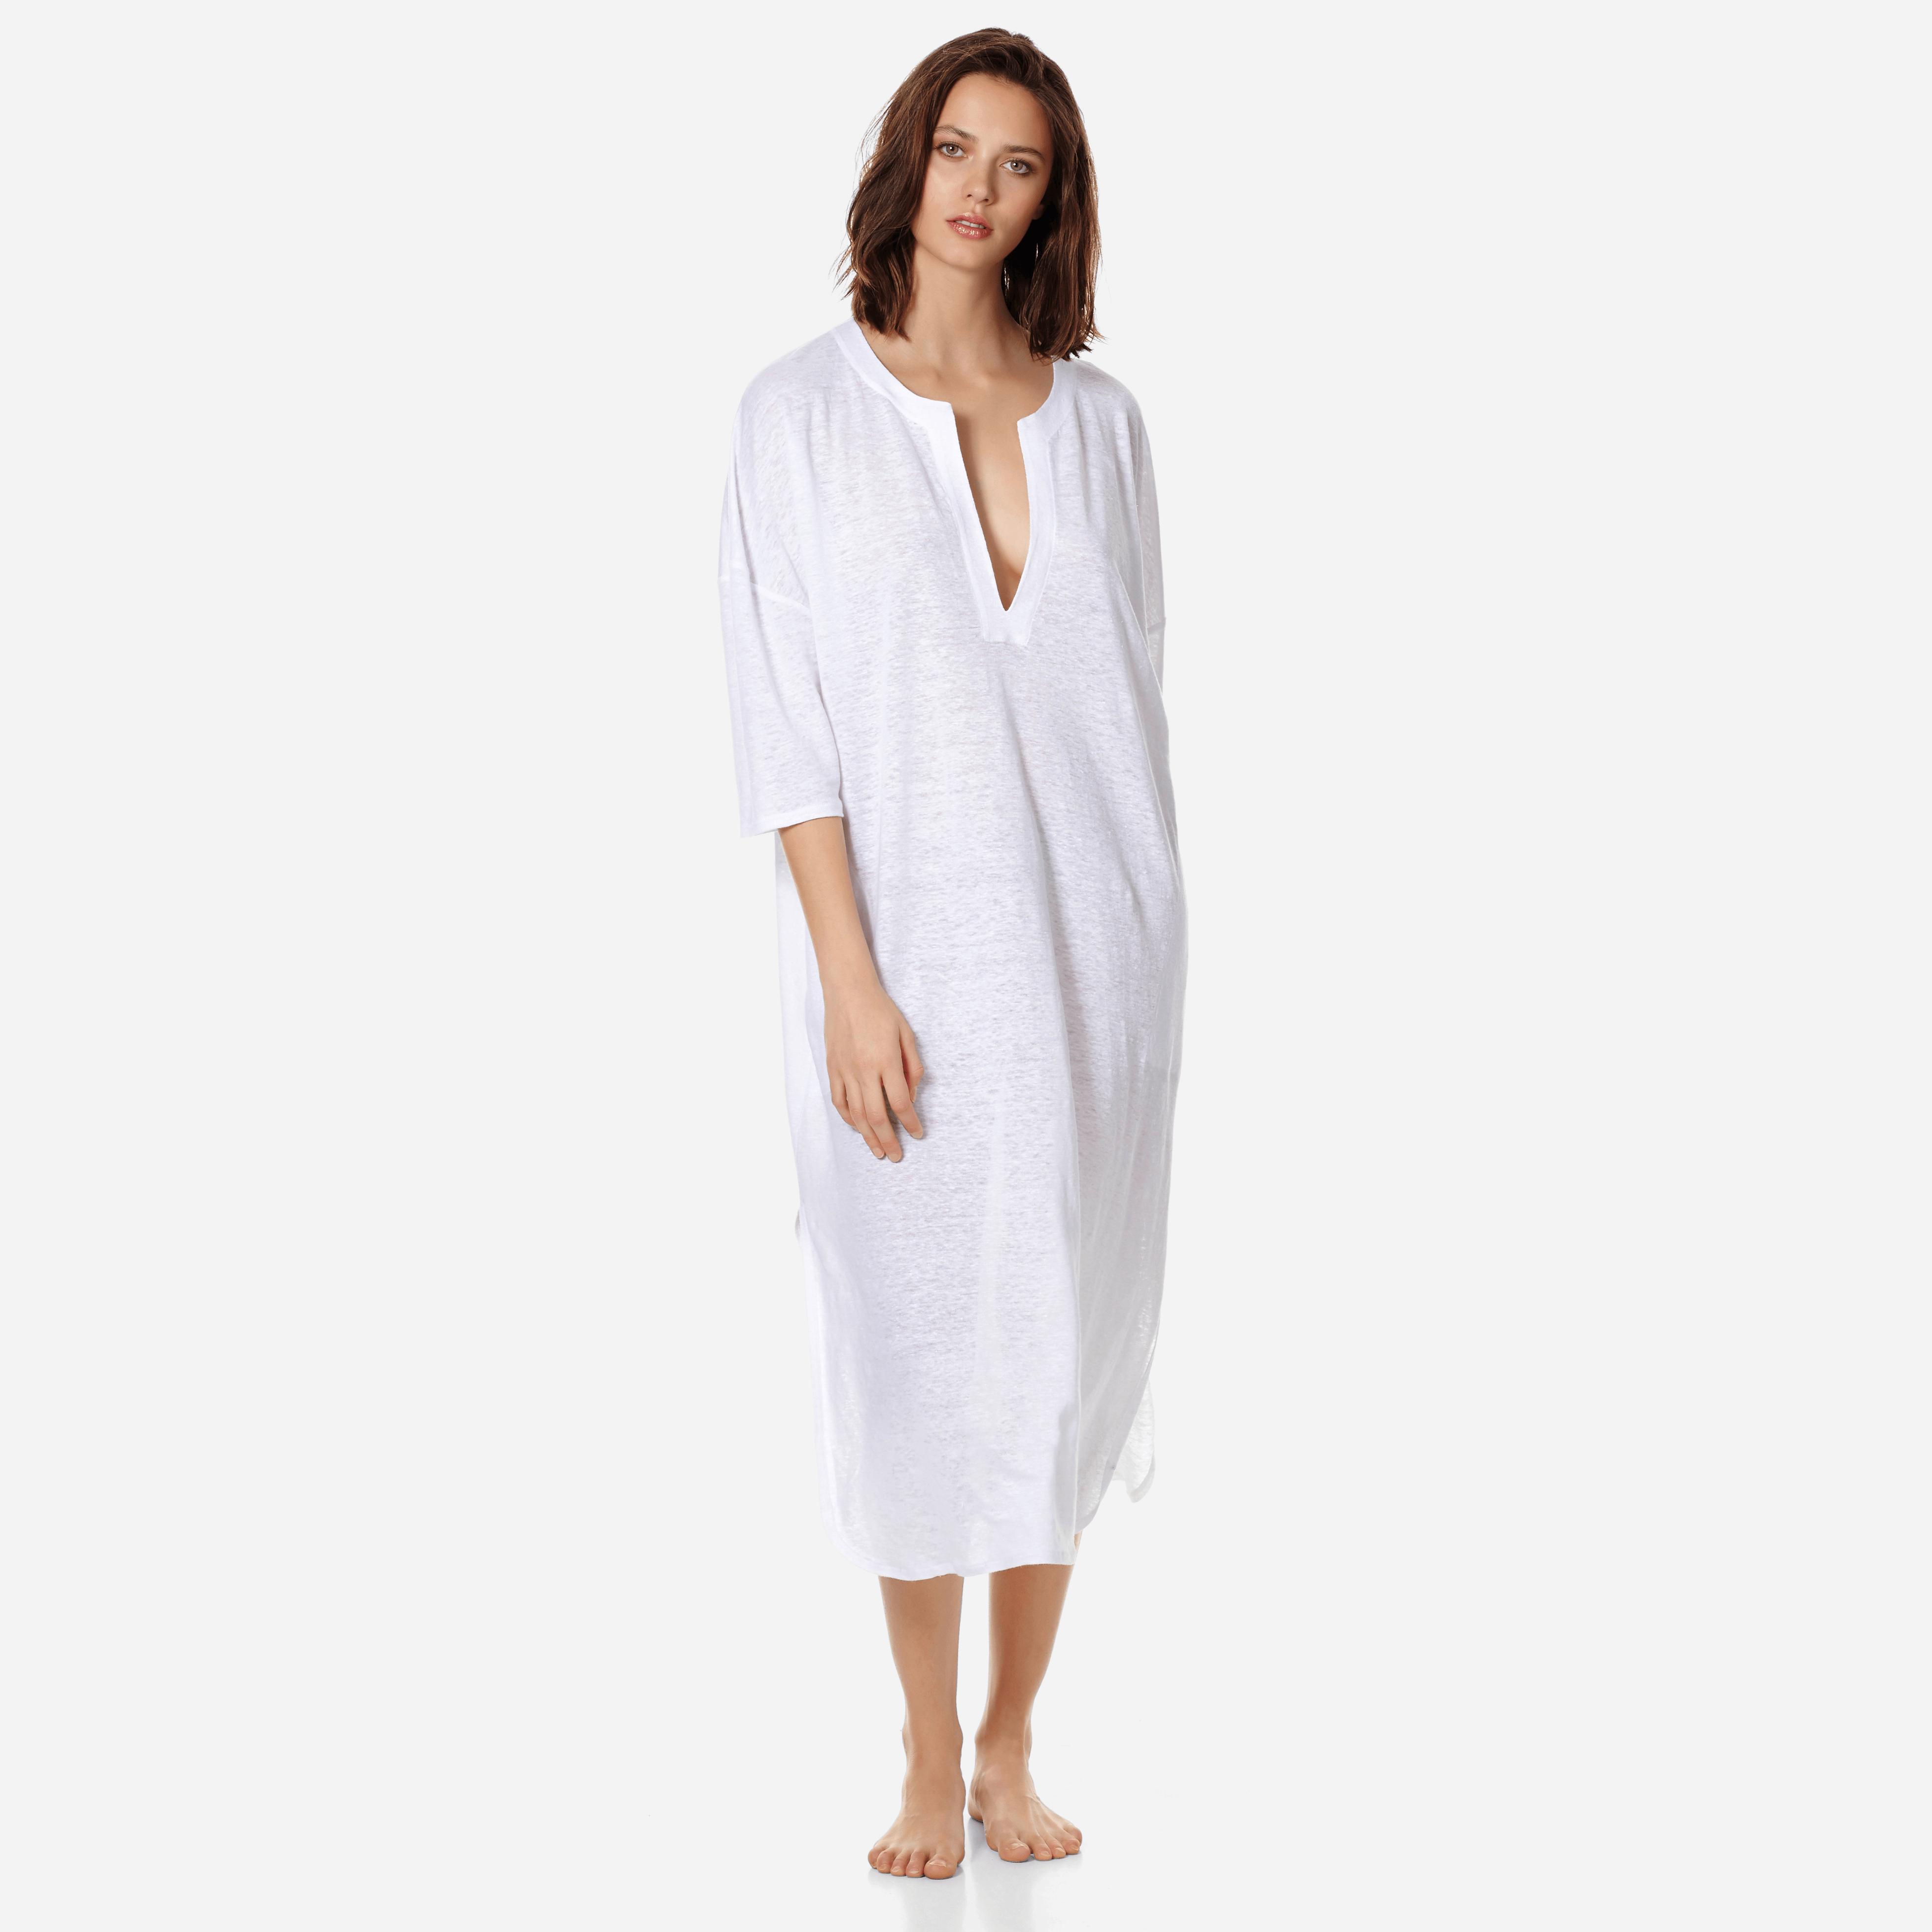 PRET A PORTER FEMME - Robe tunique Longue en jersey de lin Femme unie - COVER-UP - FARLINE - Blanc -